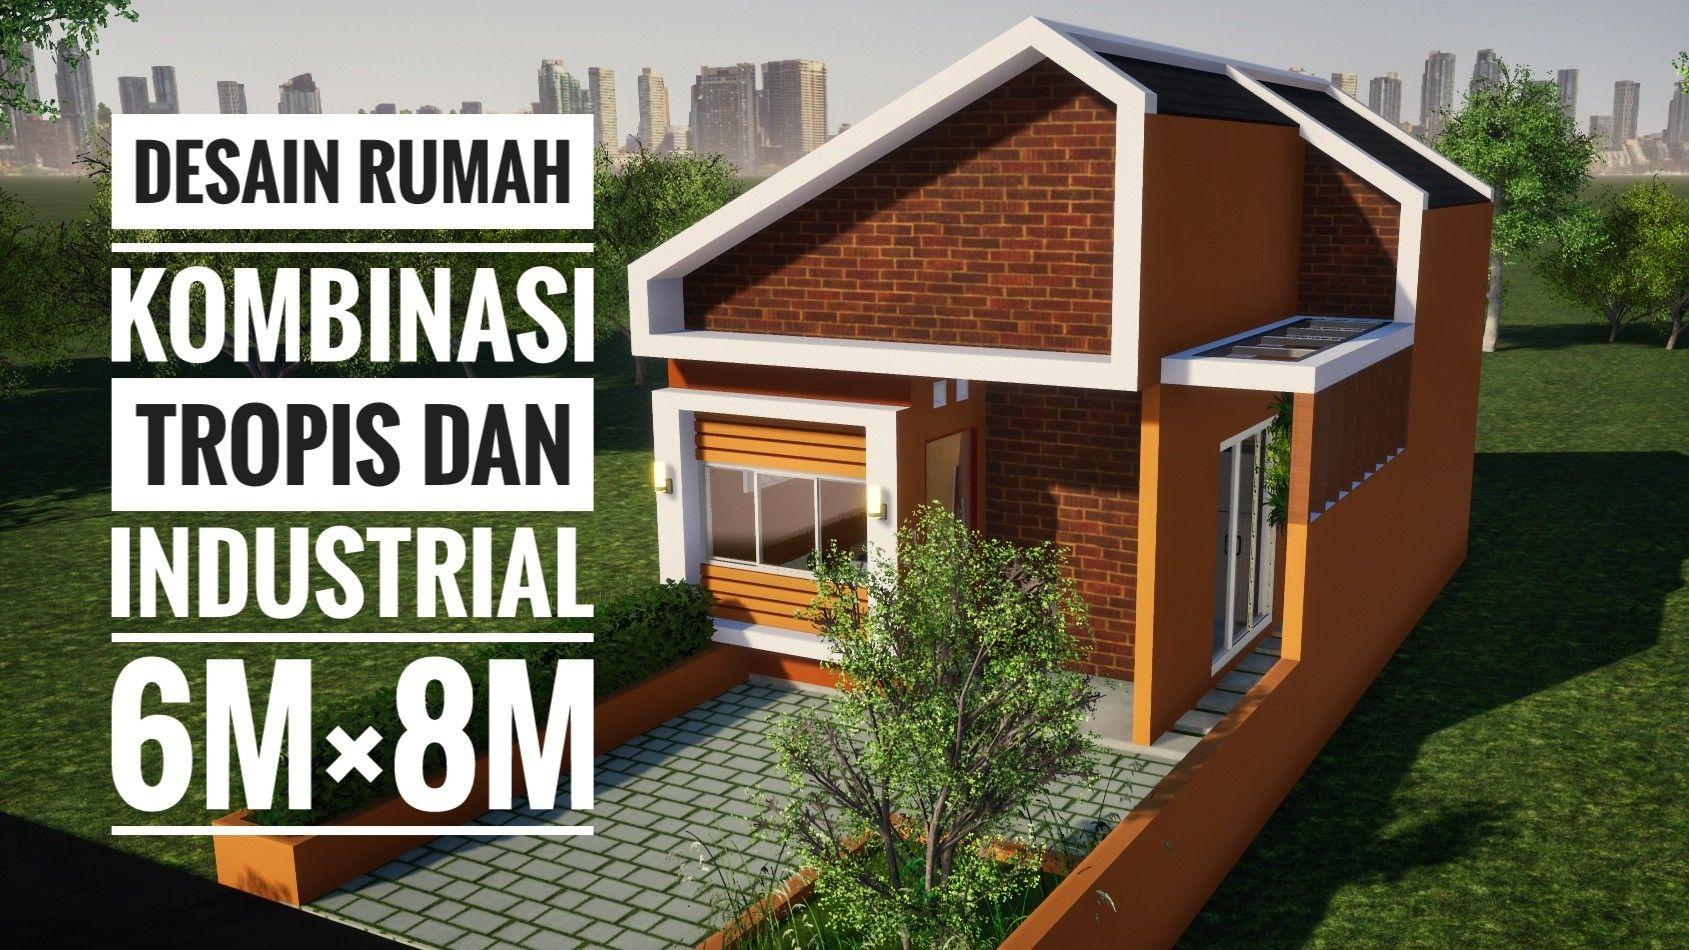 Desain Rumah Kombinasi Tropis Dan Industrial 6mx8m Outdoor Structures Structures Shed